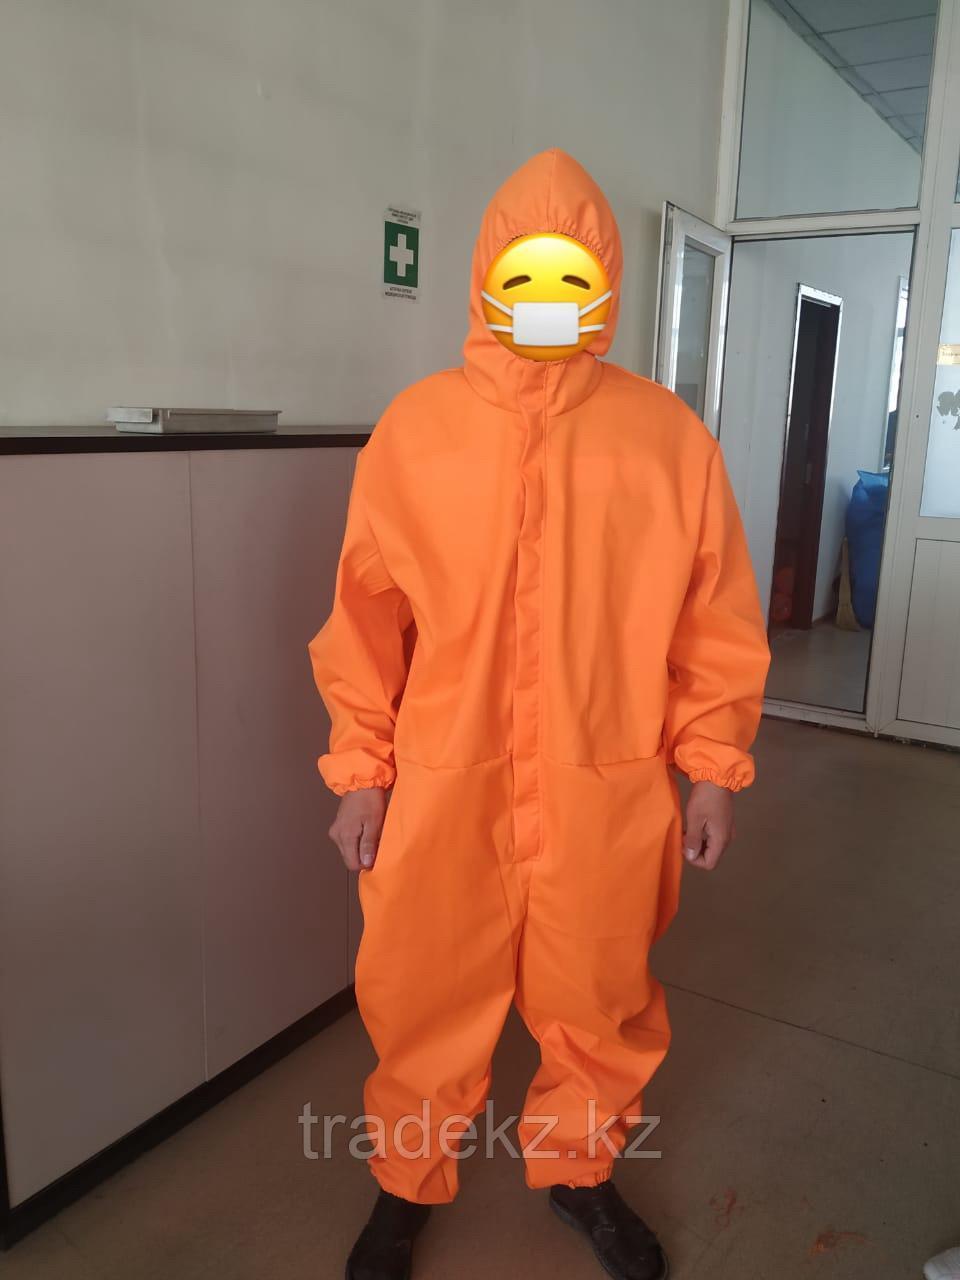 Комбинезон многоразовый, цвет оранжевый